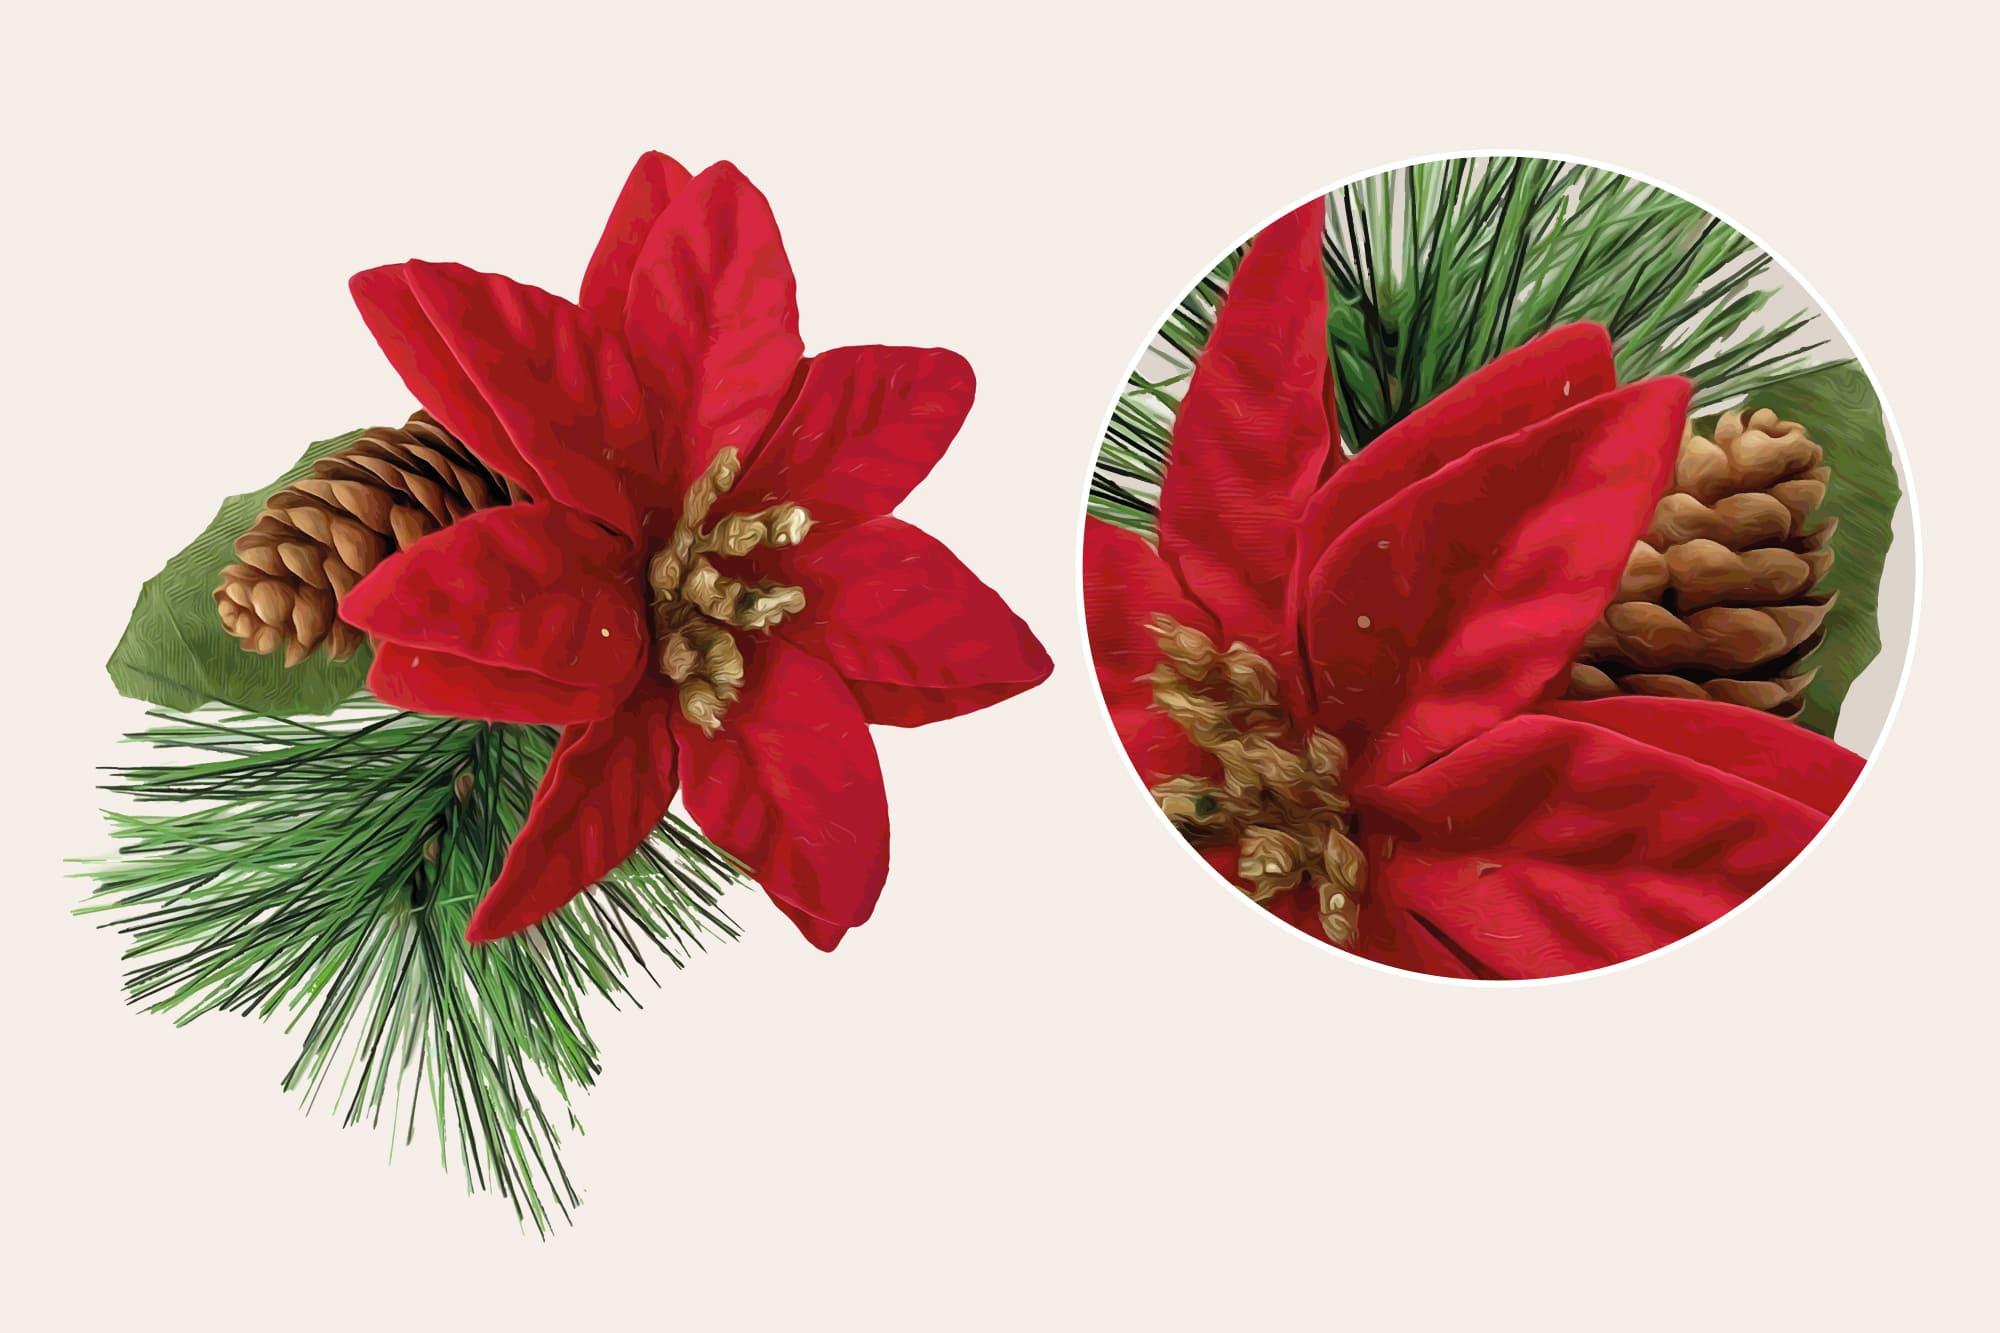 496 Christmas Illustrations: Christmas Vectors Bundle SVG, EPS, AI - Merry Christmas 3b